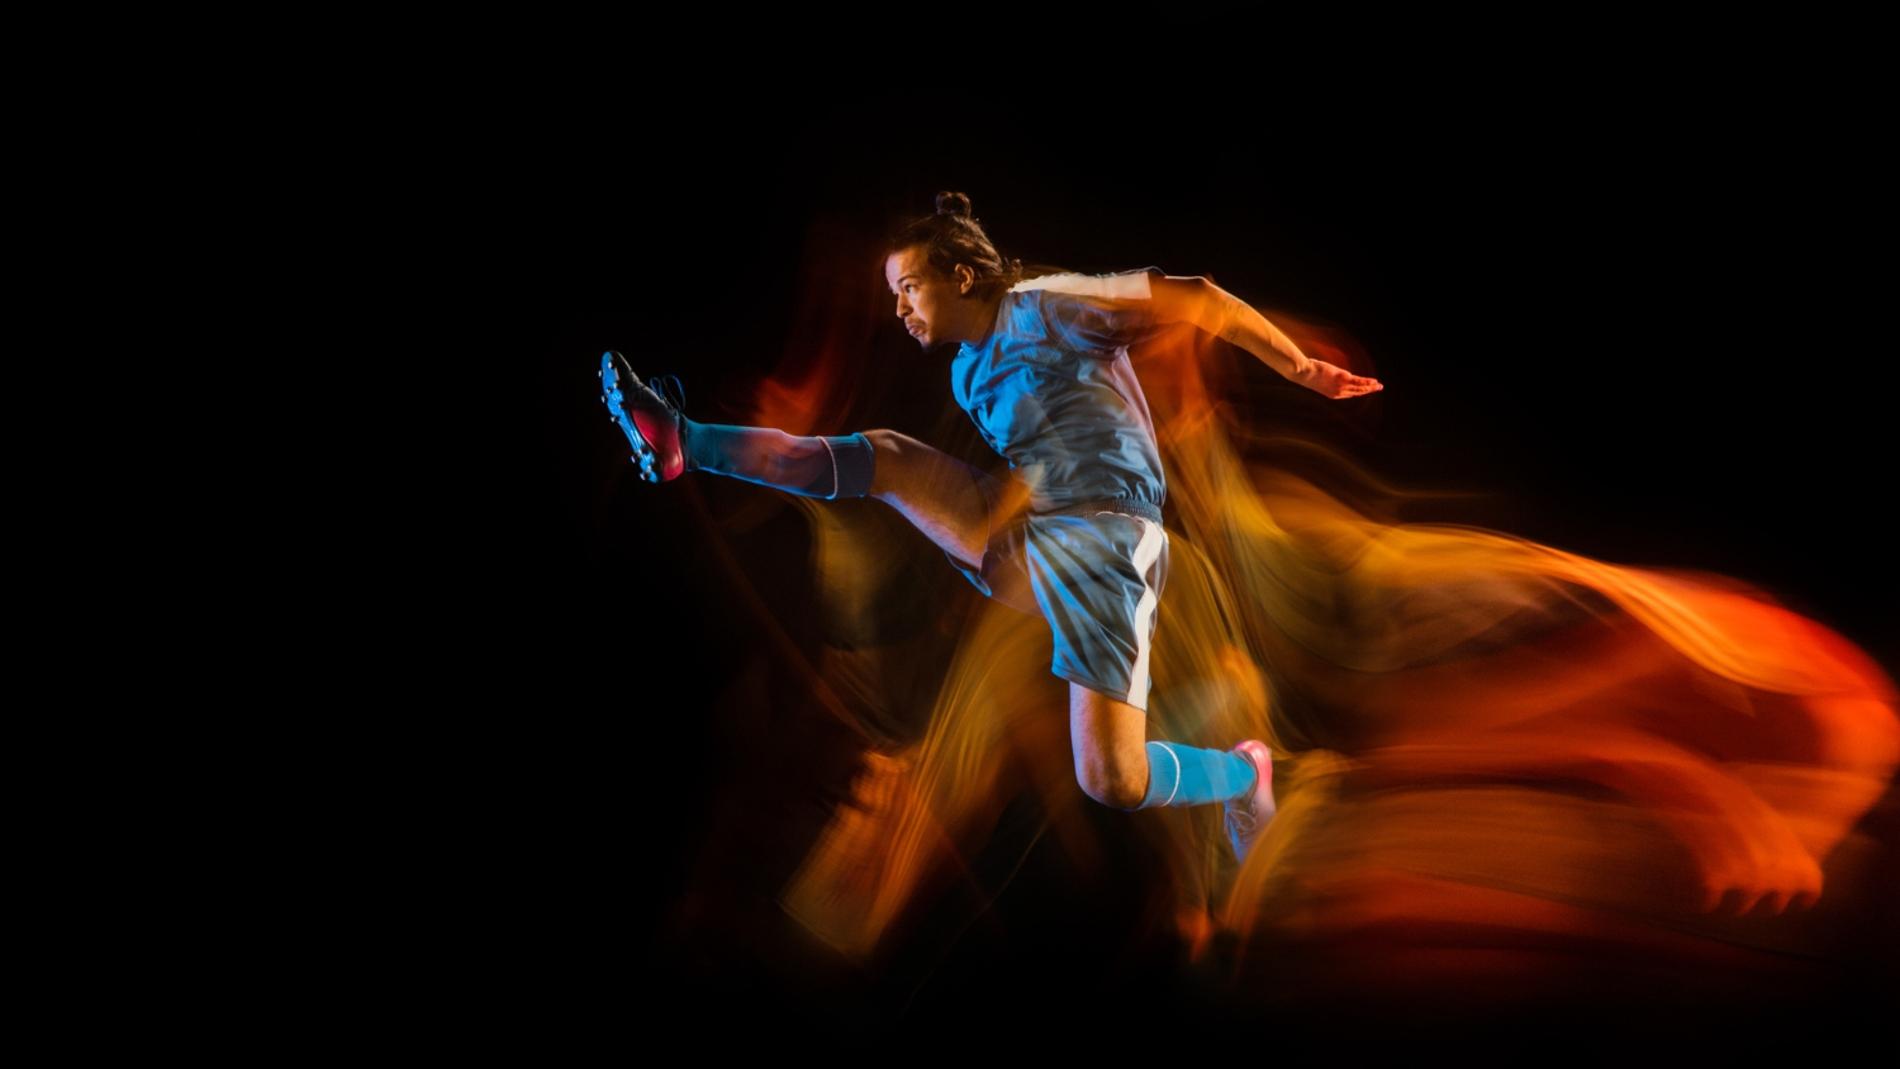 Estadistica para sacar mejor rendimiento a los pases en el futbol